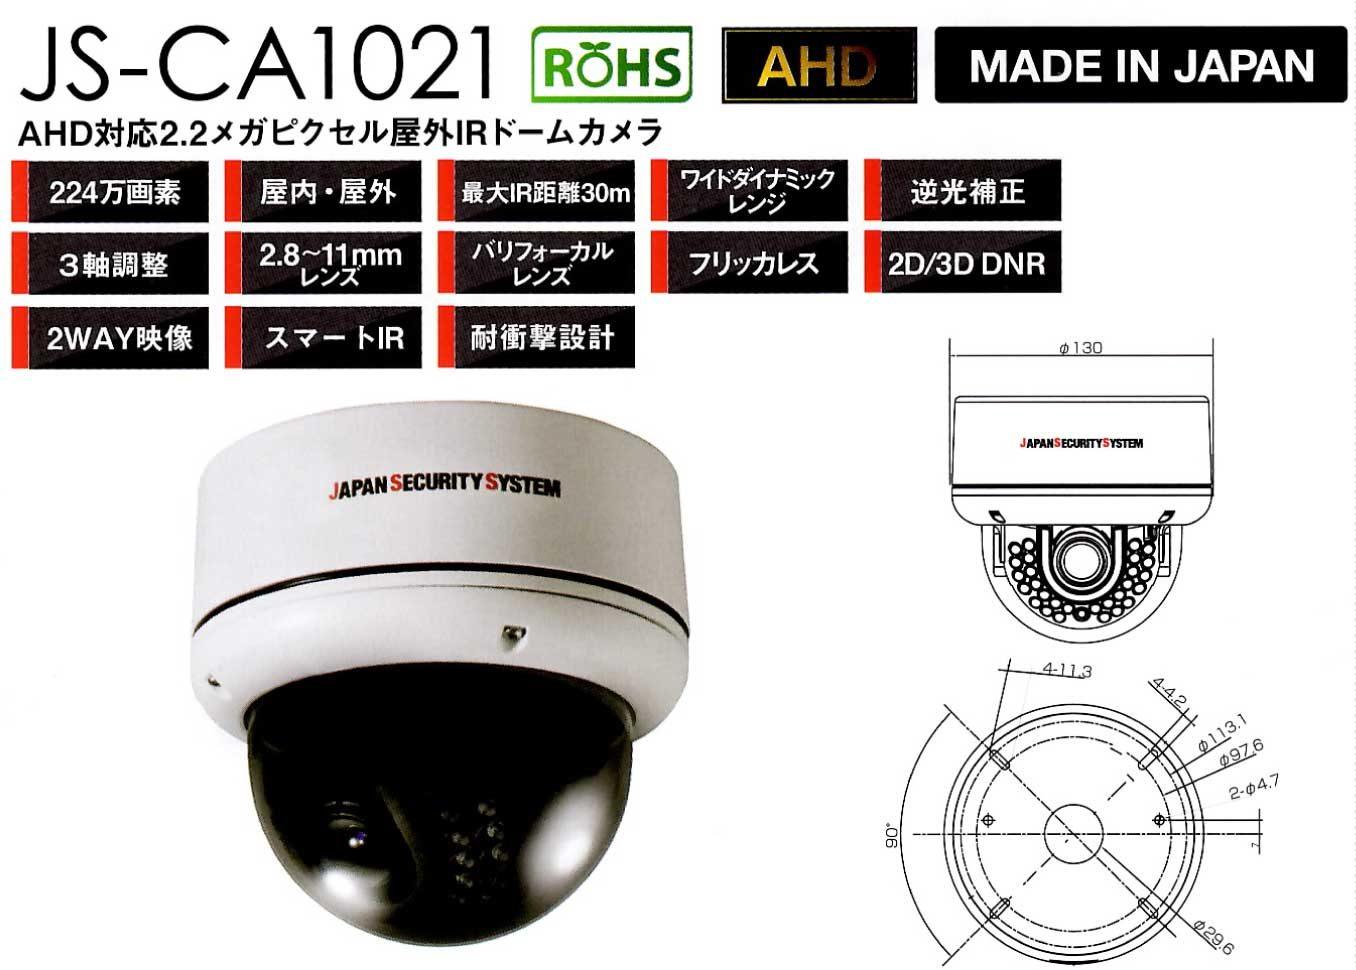 JS-CA1021